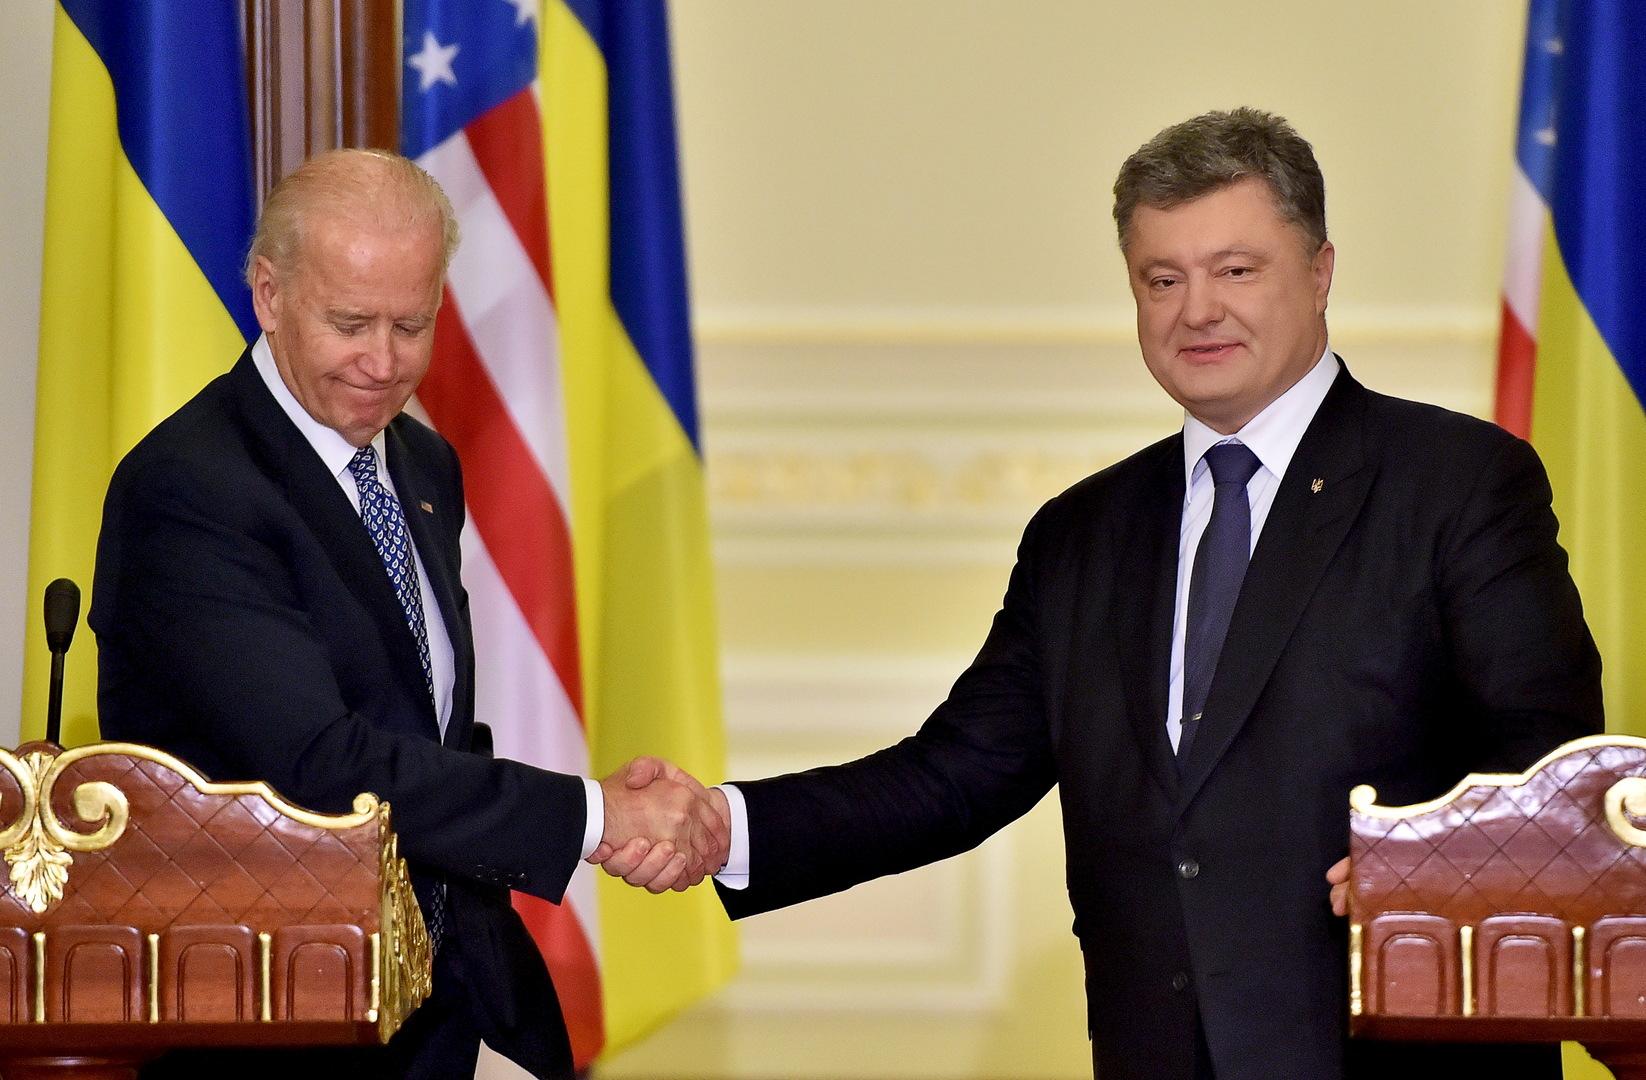 استدعاء الرئيس الأوكراني السابق للاستجواب في قضية بايدن